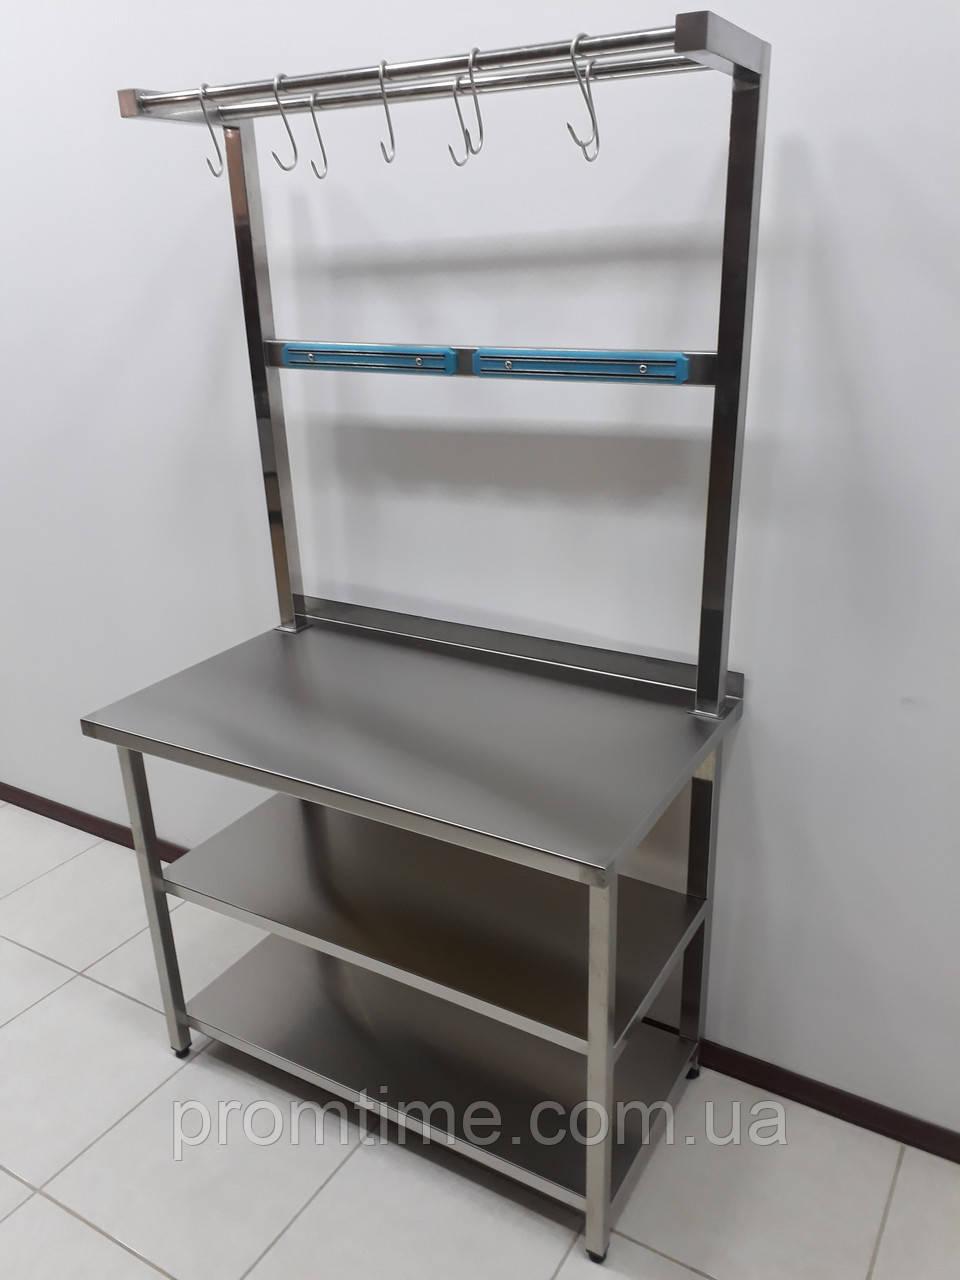 Стол разделочный с крюками для утвари и магнитными планками для ножей 1000х600х1800